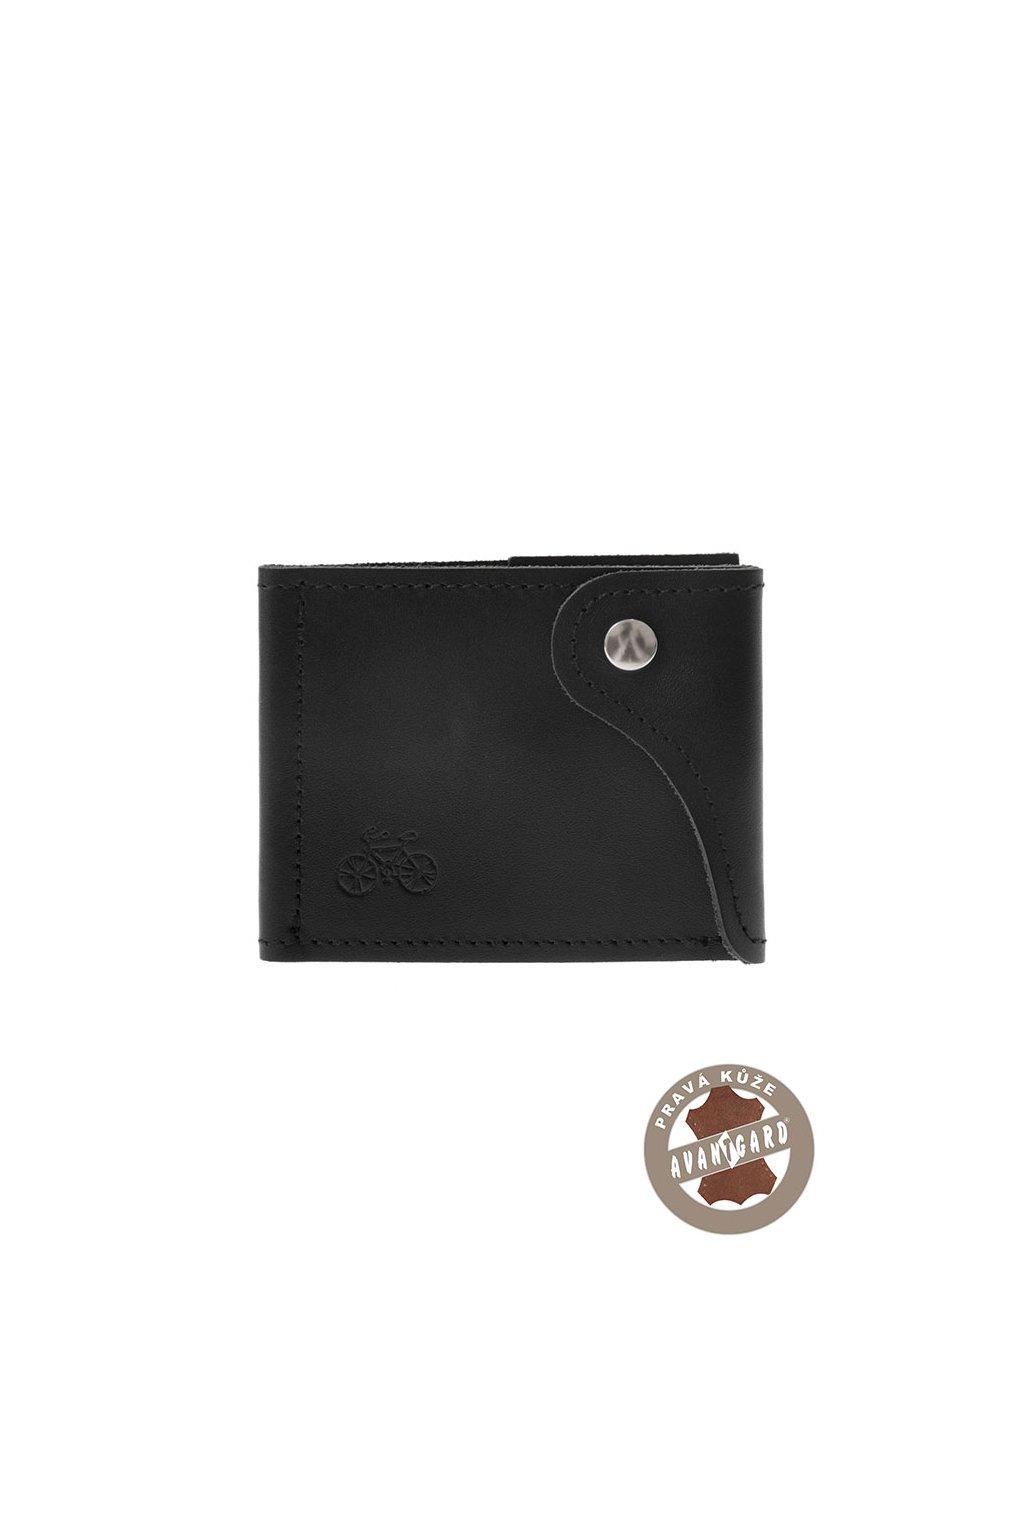 Pánská peněženka z pravé kůže černá/kolo 800 - 232309